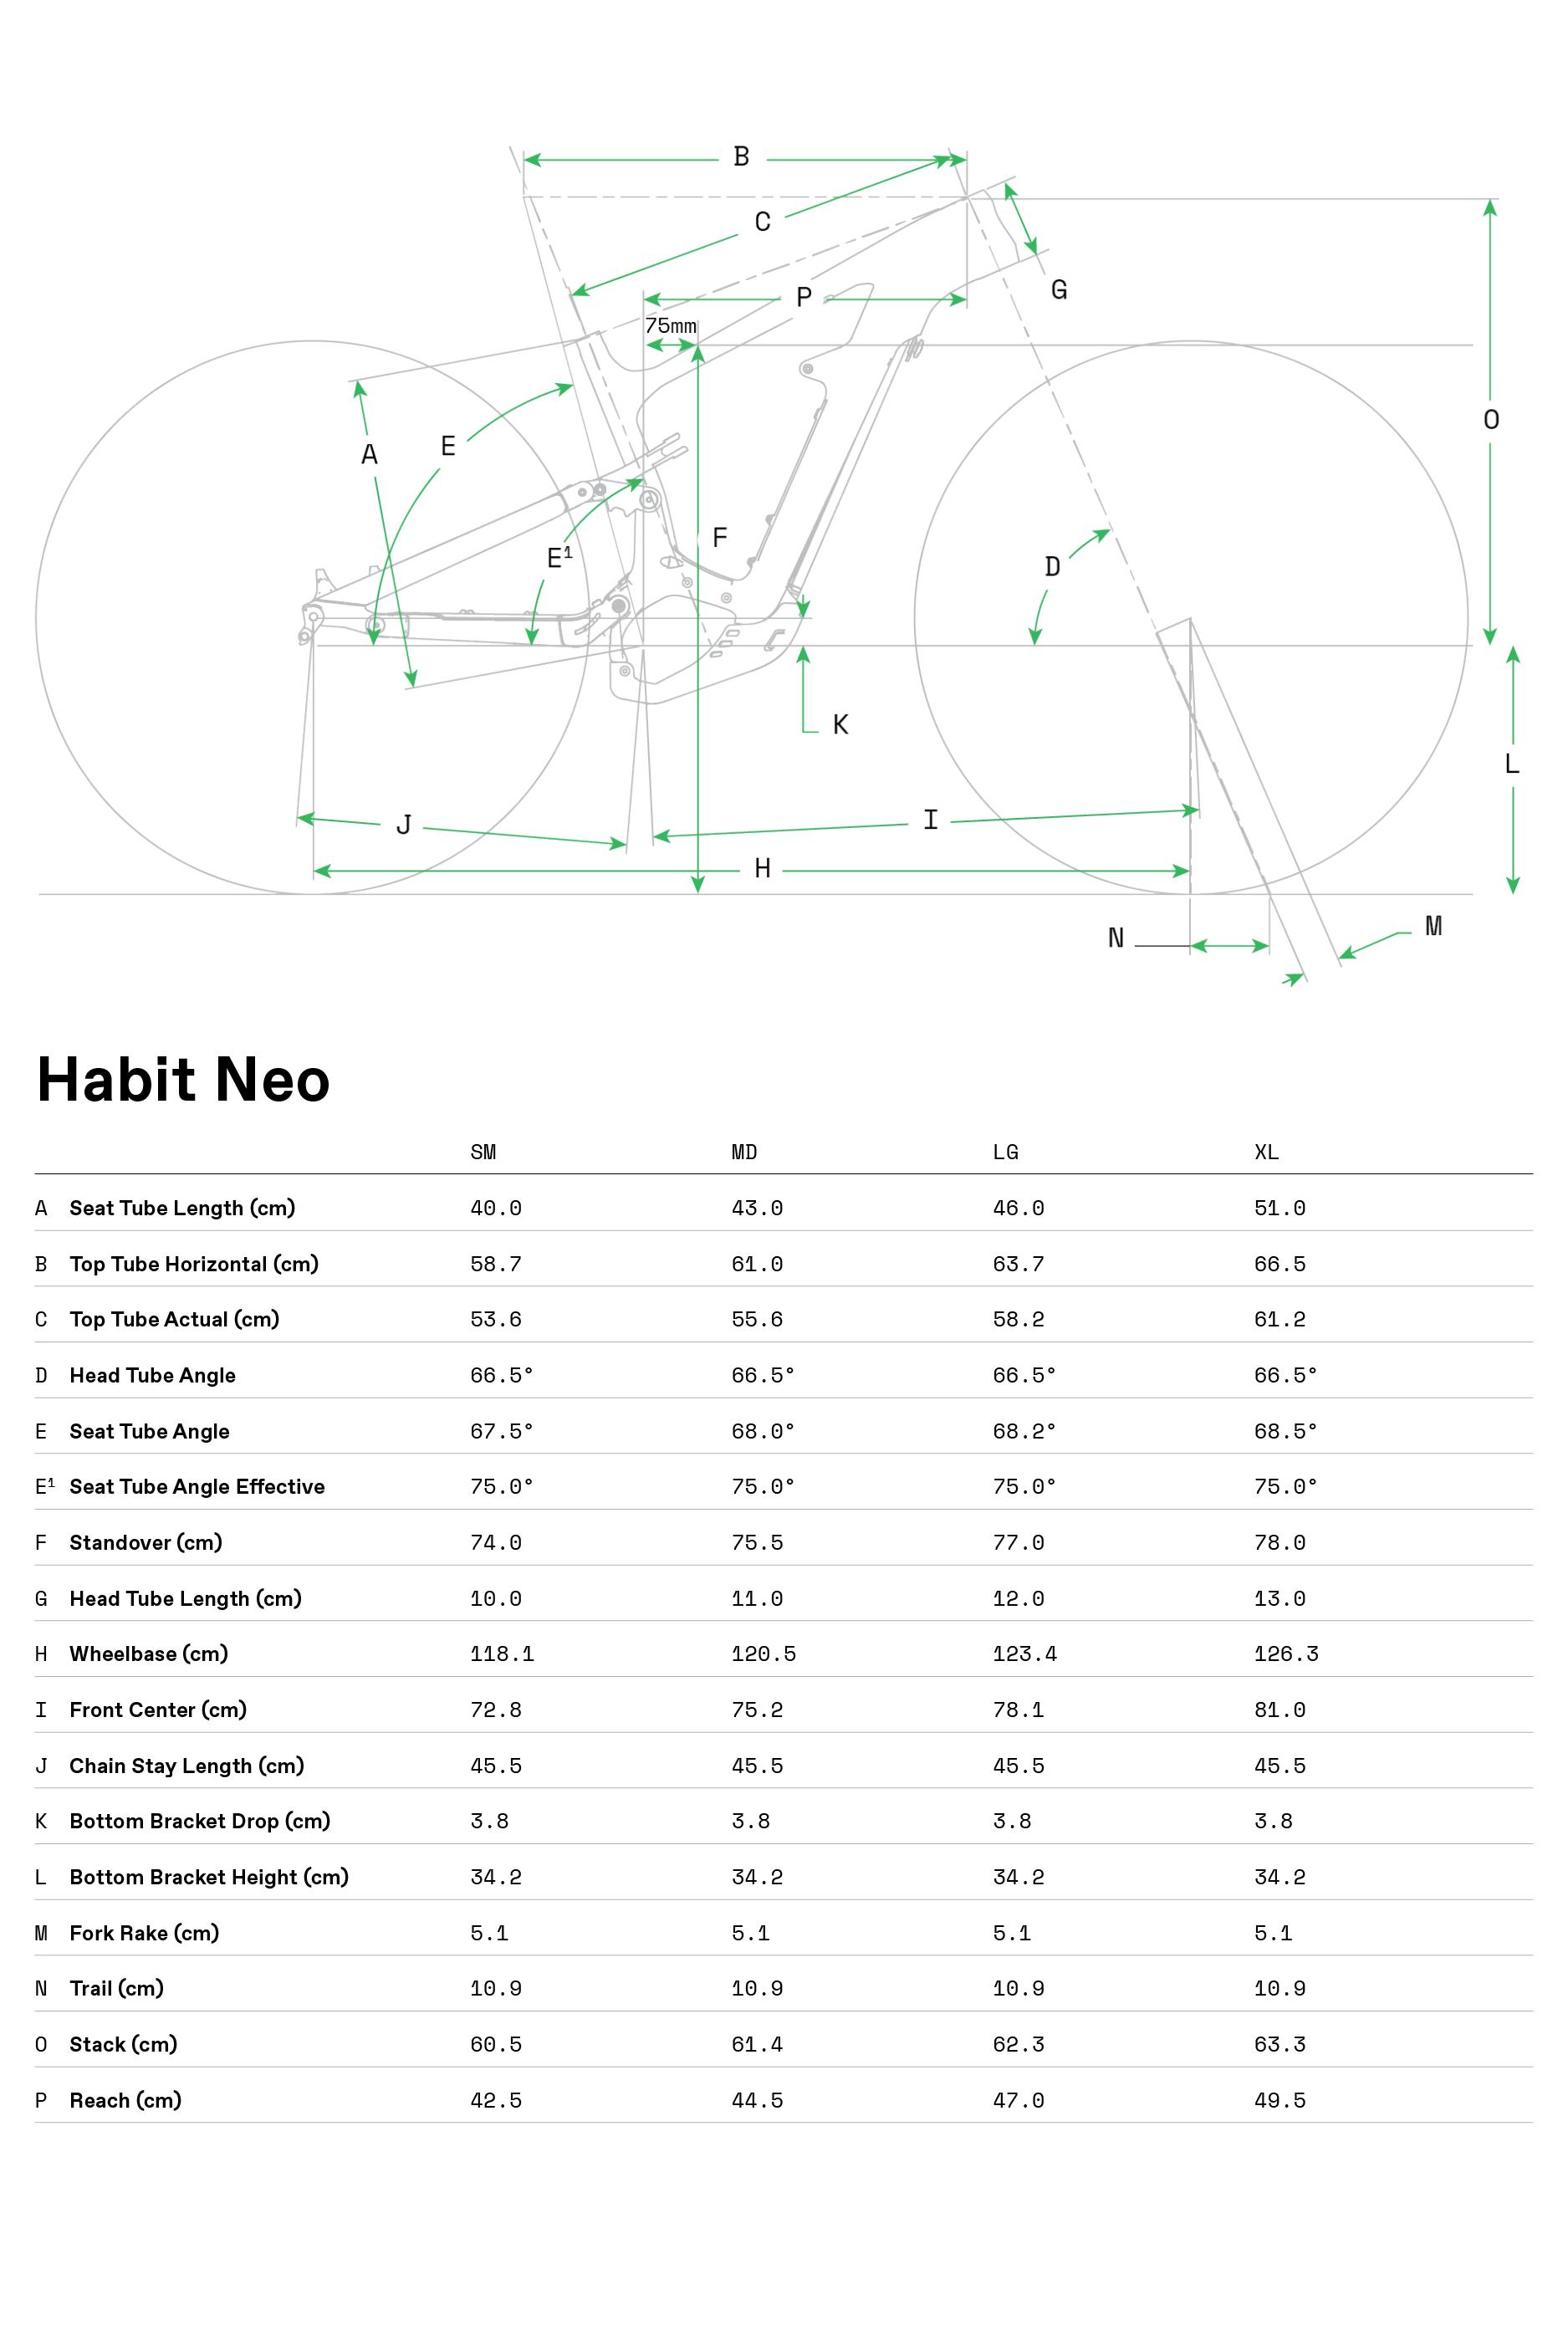 habit_neo_geo_table.png?h=2805&la=es-ES&